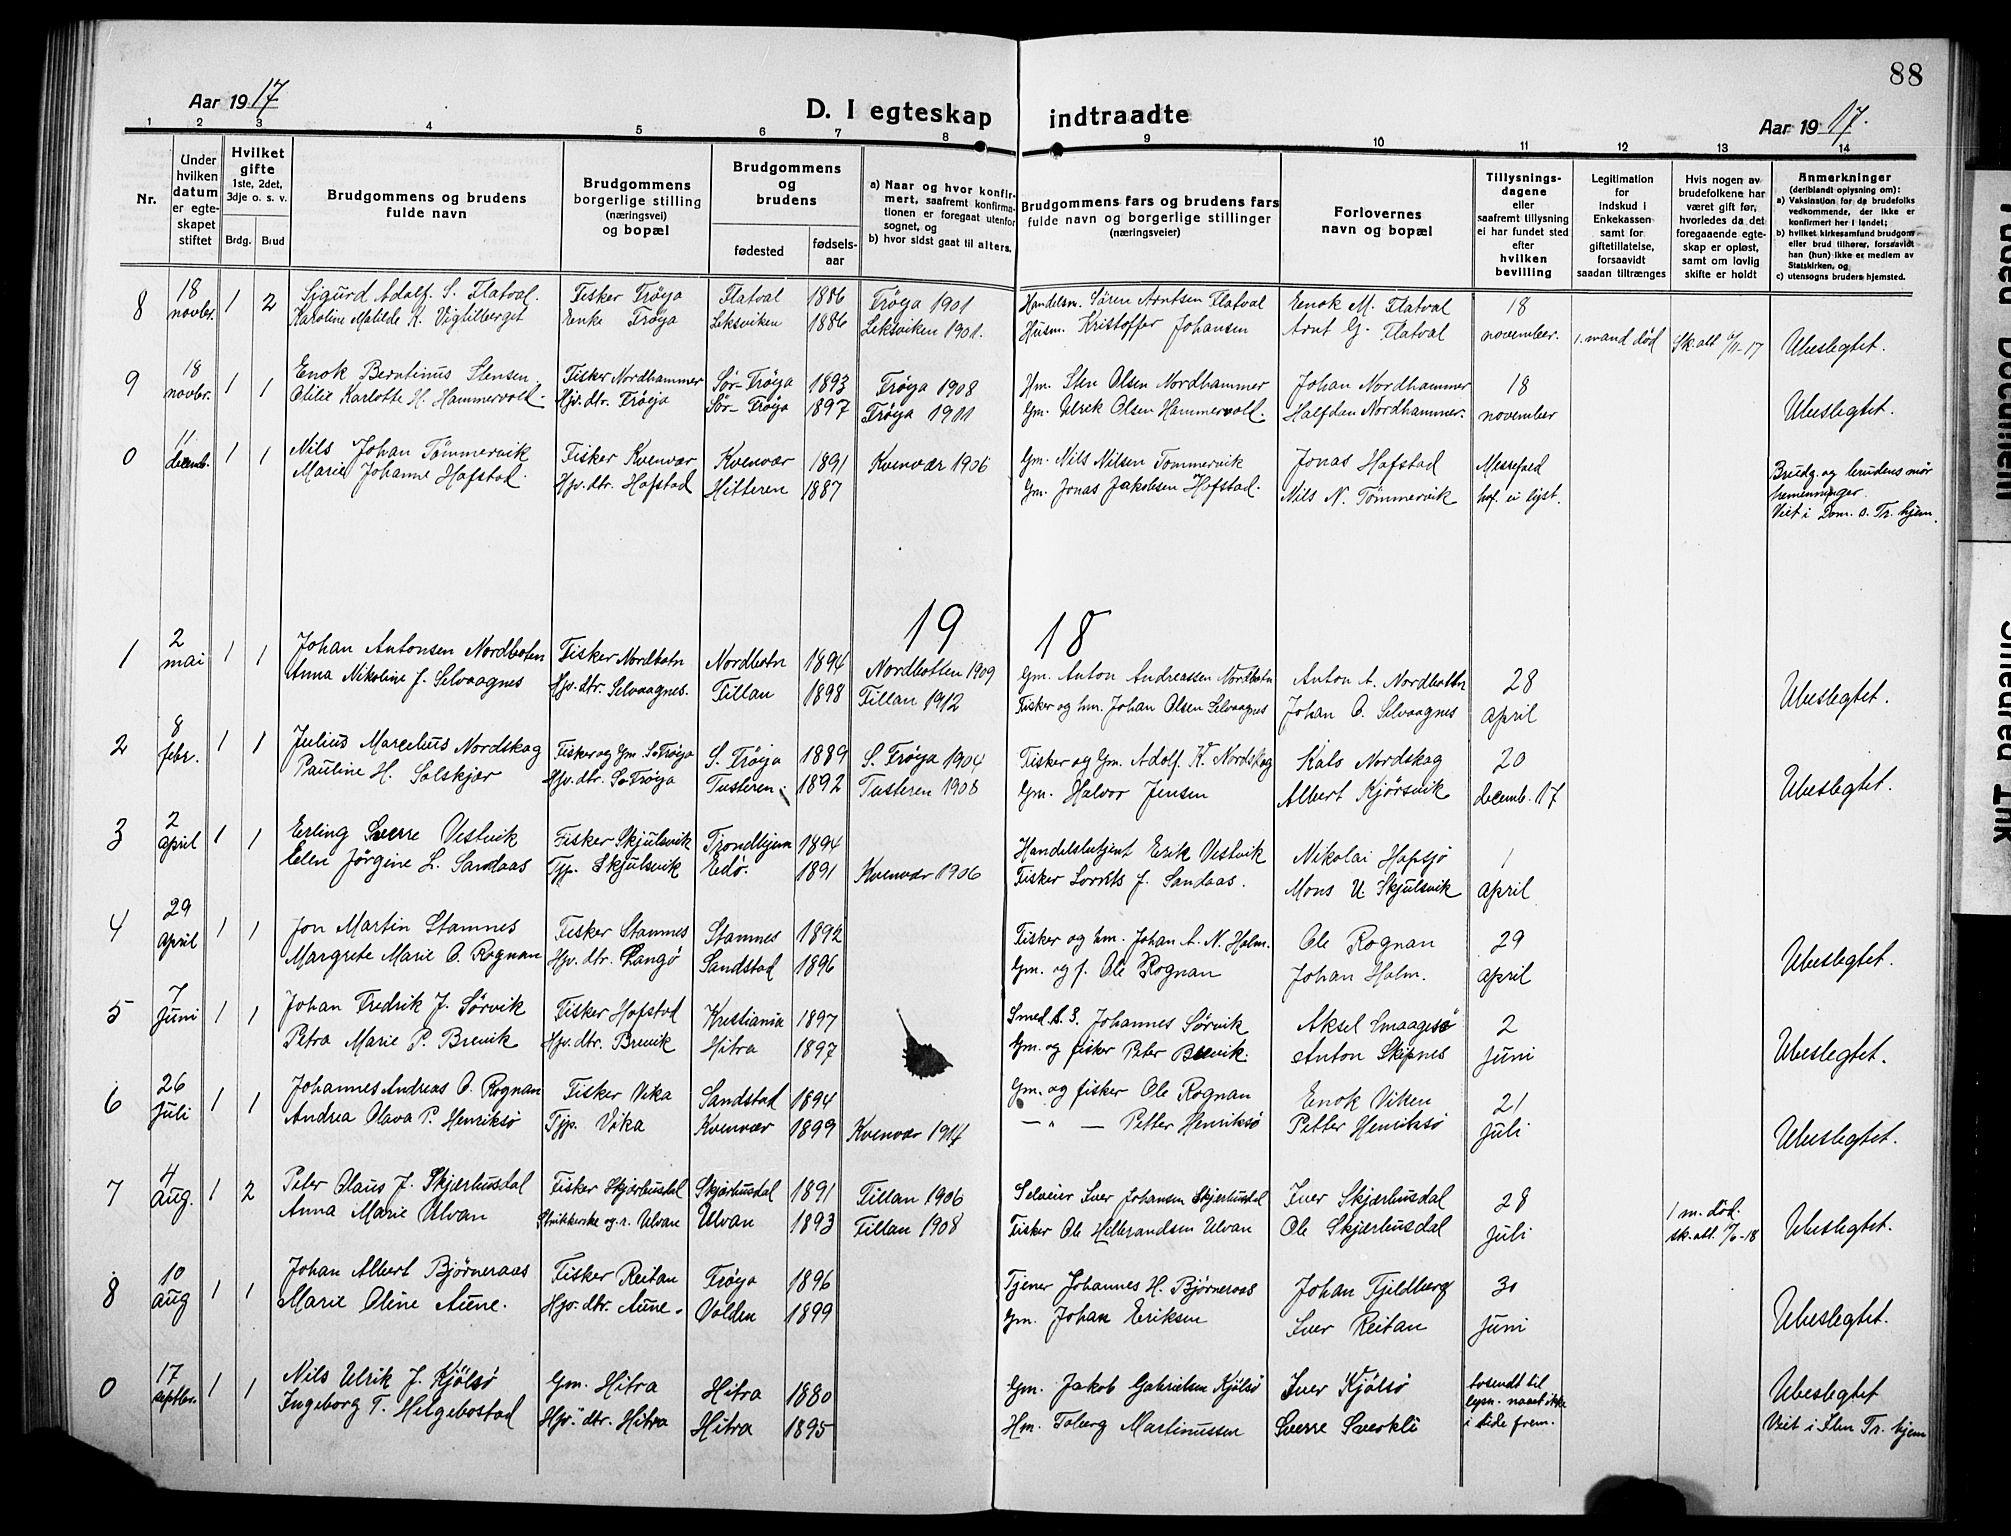 SAT, Ministerialprotokoller, klokkerbøker og fødselsregistre - Sør-Trøndelag, 634/L0543: Klokkerbok nr. 634C05, 1917-1928, s. 88